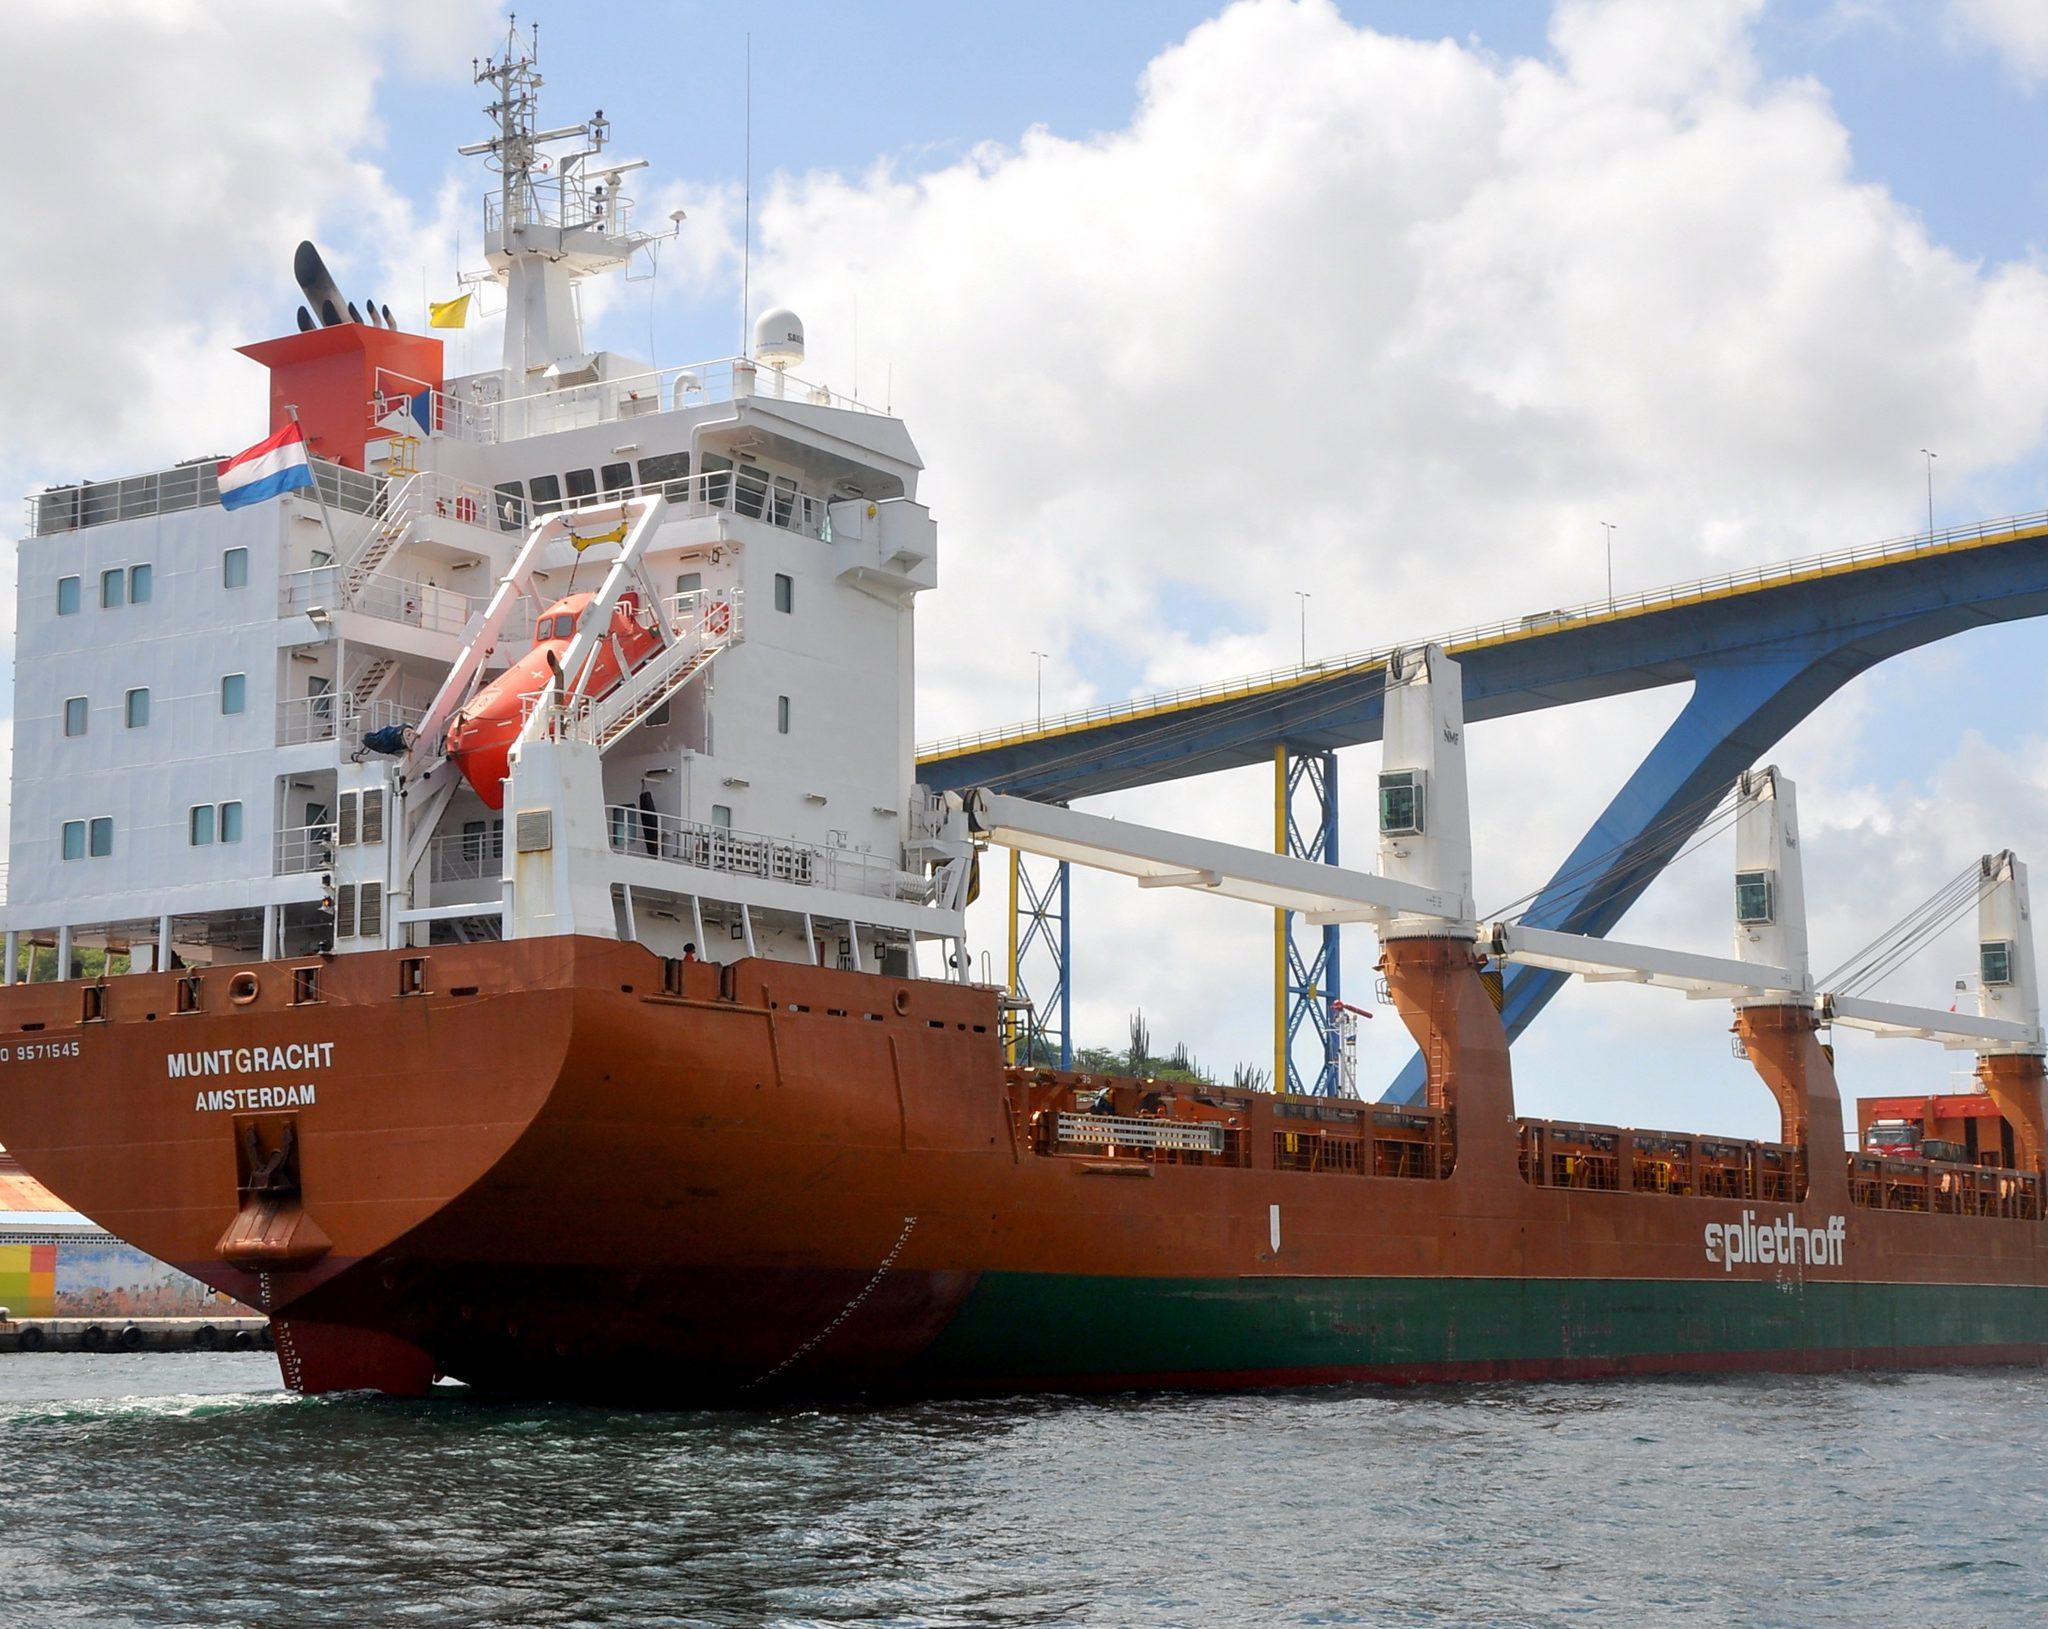 De Muntgracht in 2017 gespot bij aankomst in Willemstad, Curaçao. Foto: Kees Bustraan